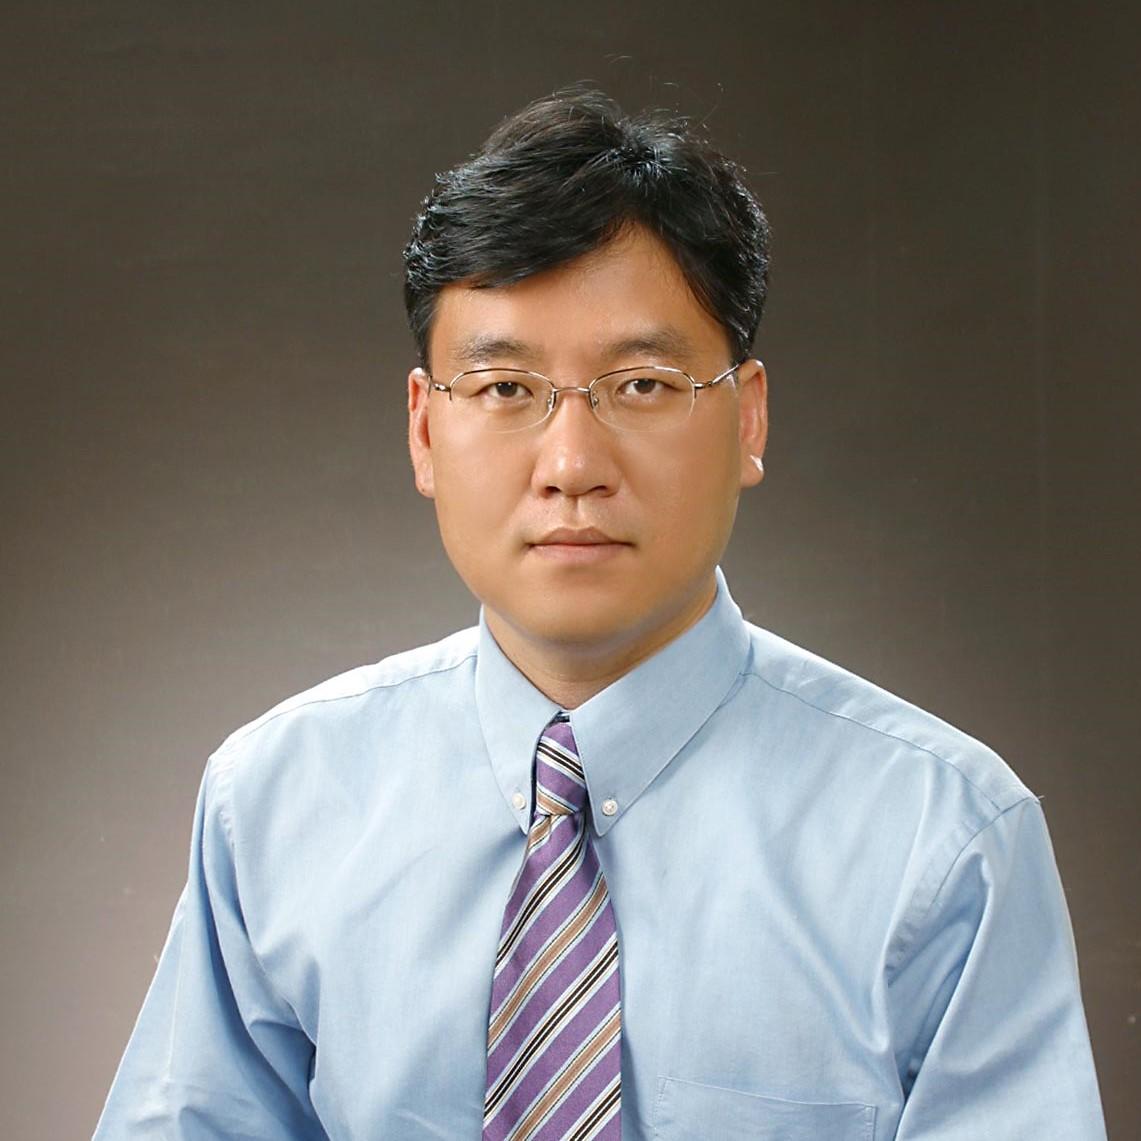 Kwangsun Ryu (유광선)